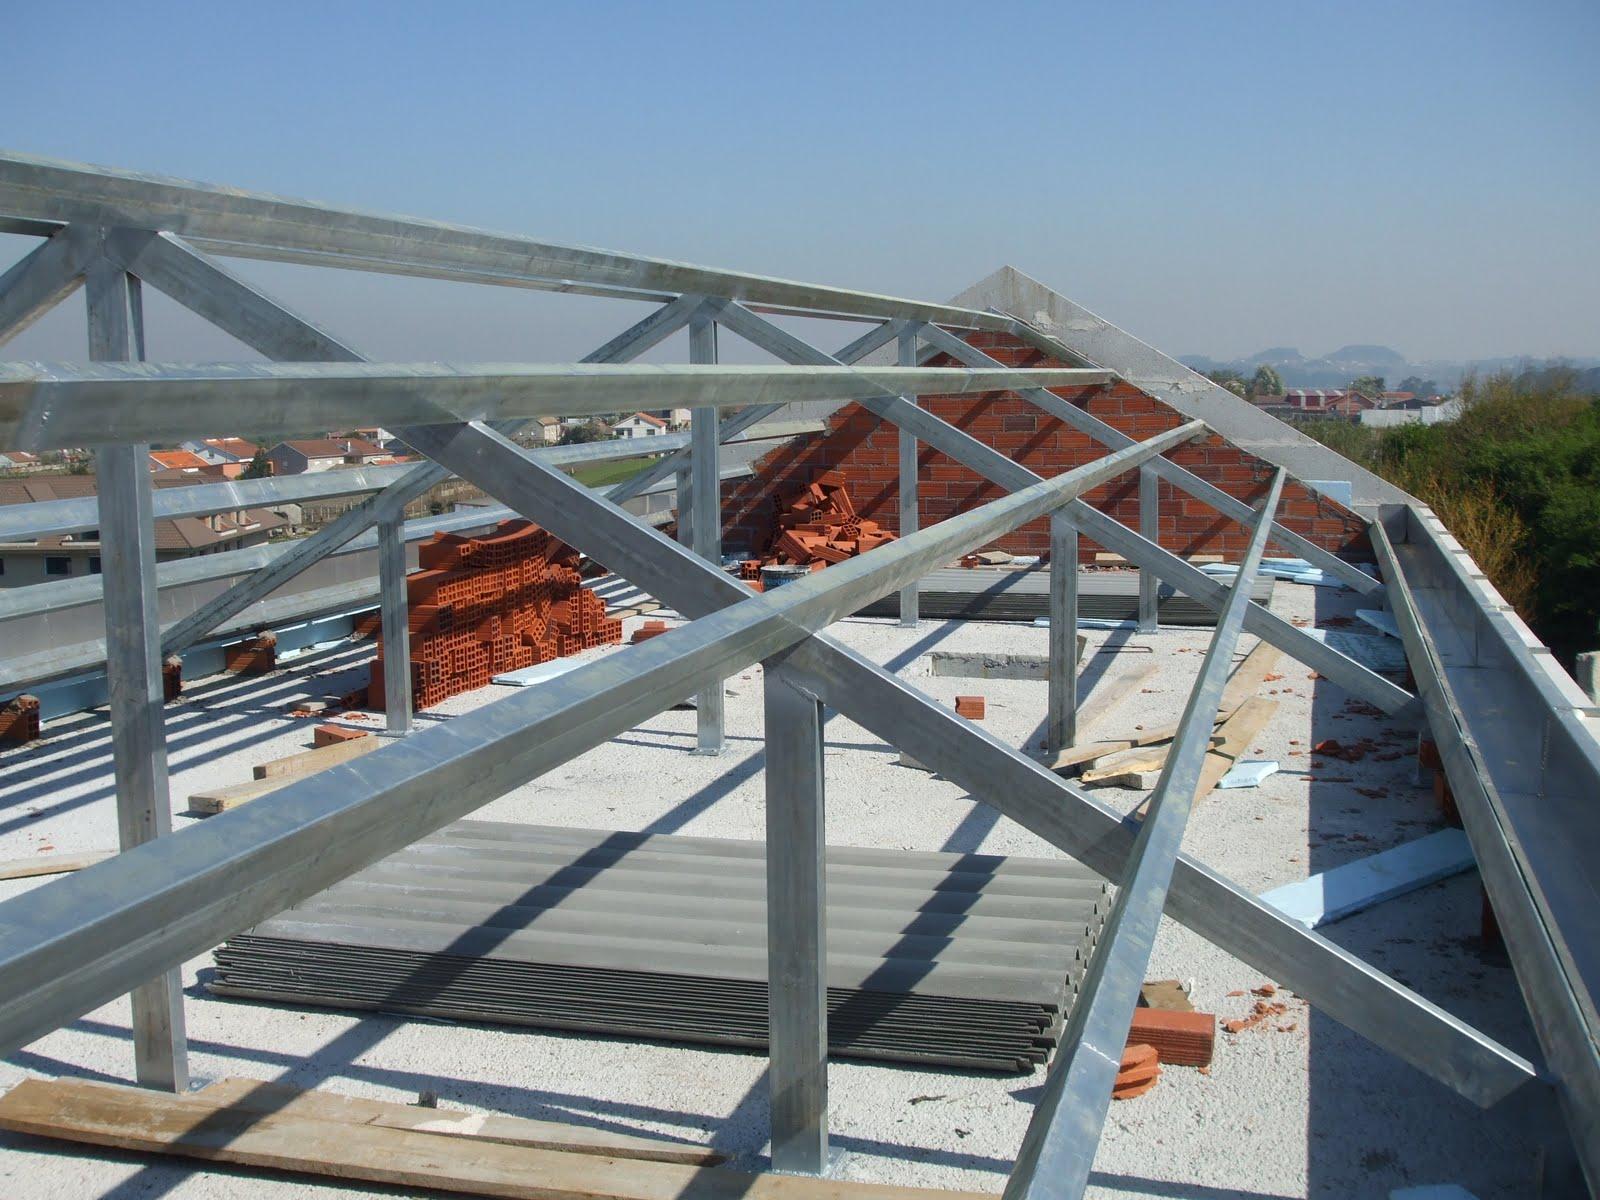 Promociones e inversiones k2 sl estructura del tejado - Estructuras de madera para tejados ...